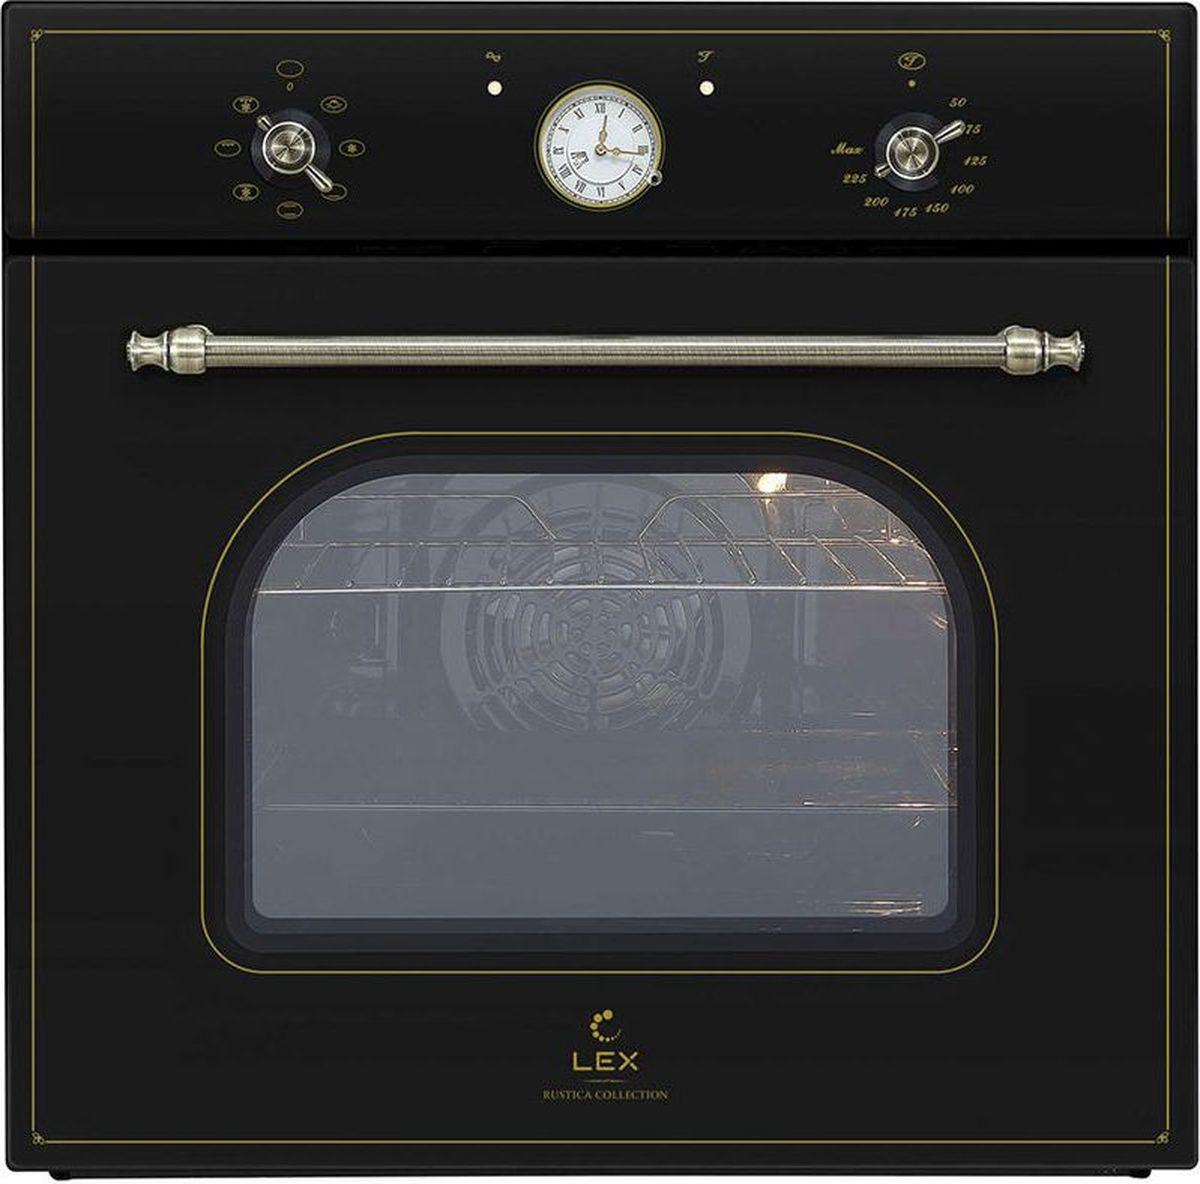 цена на Духовой шкаф Lex Classico EDM 070C BL, стекло черное